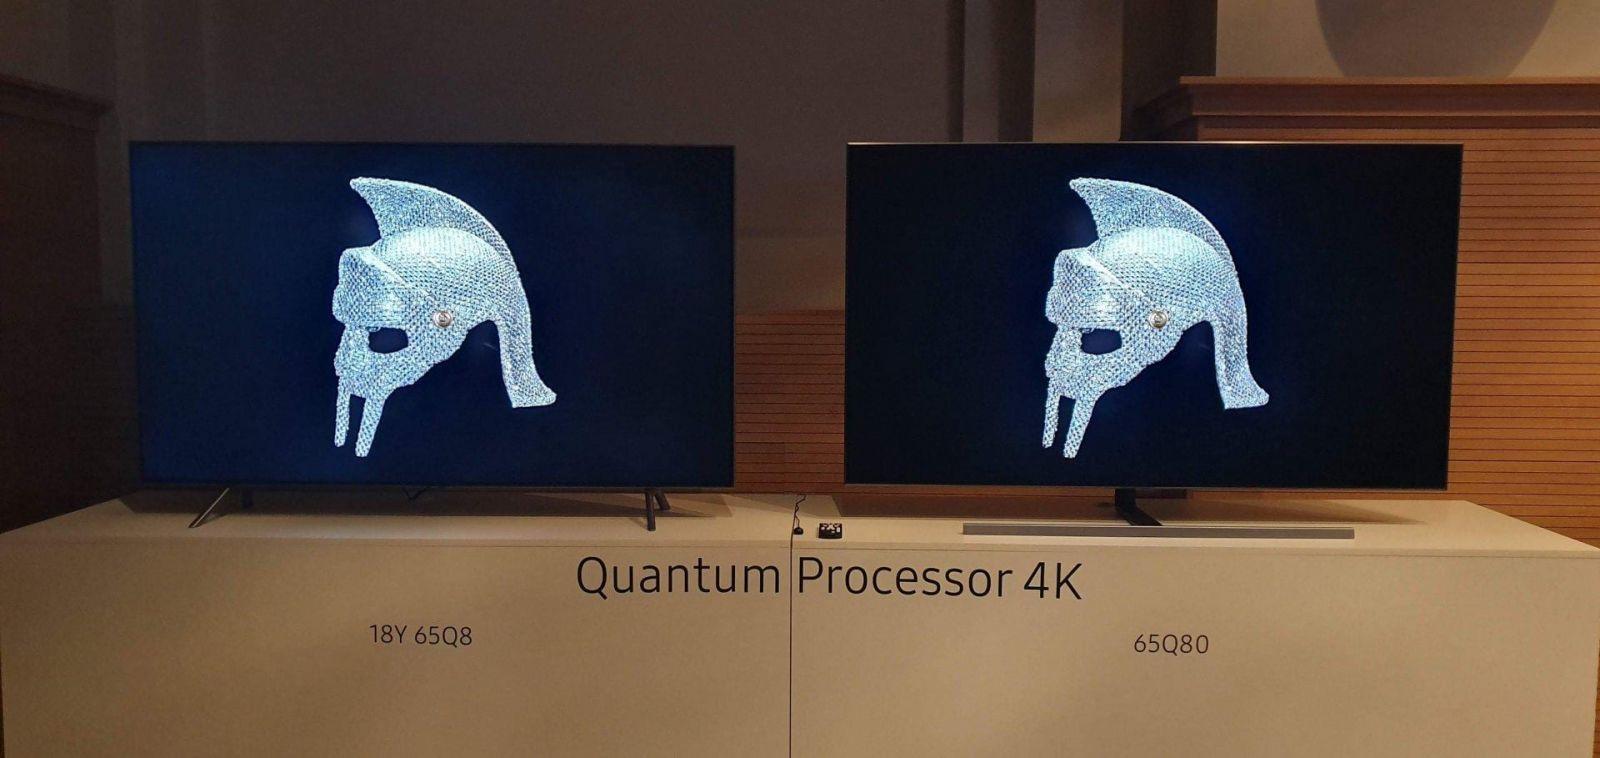 Samsung представила в России новые QLED телевизоры 4K и 8K с искусственным интеллектом (20190403 170604)